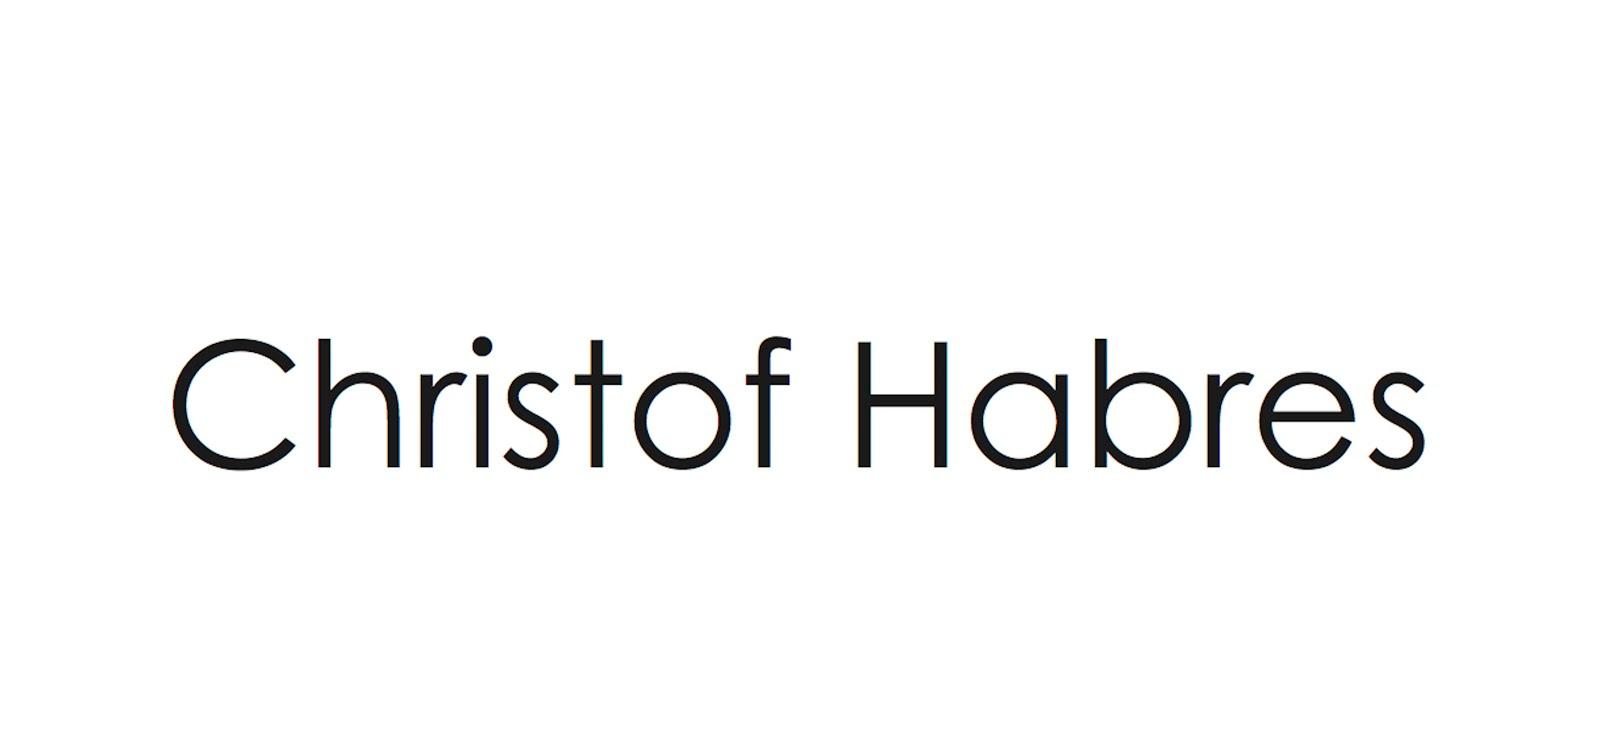 Christof Habres